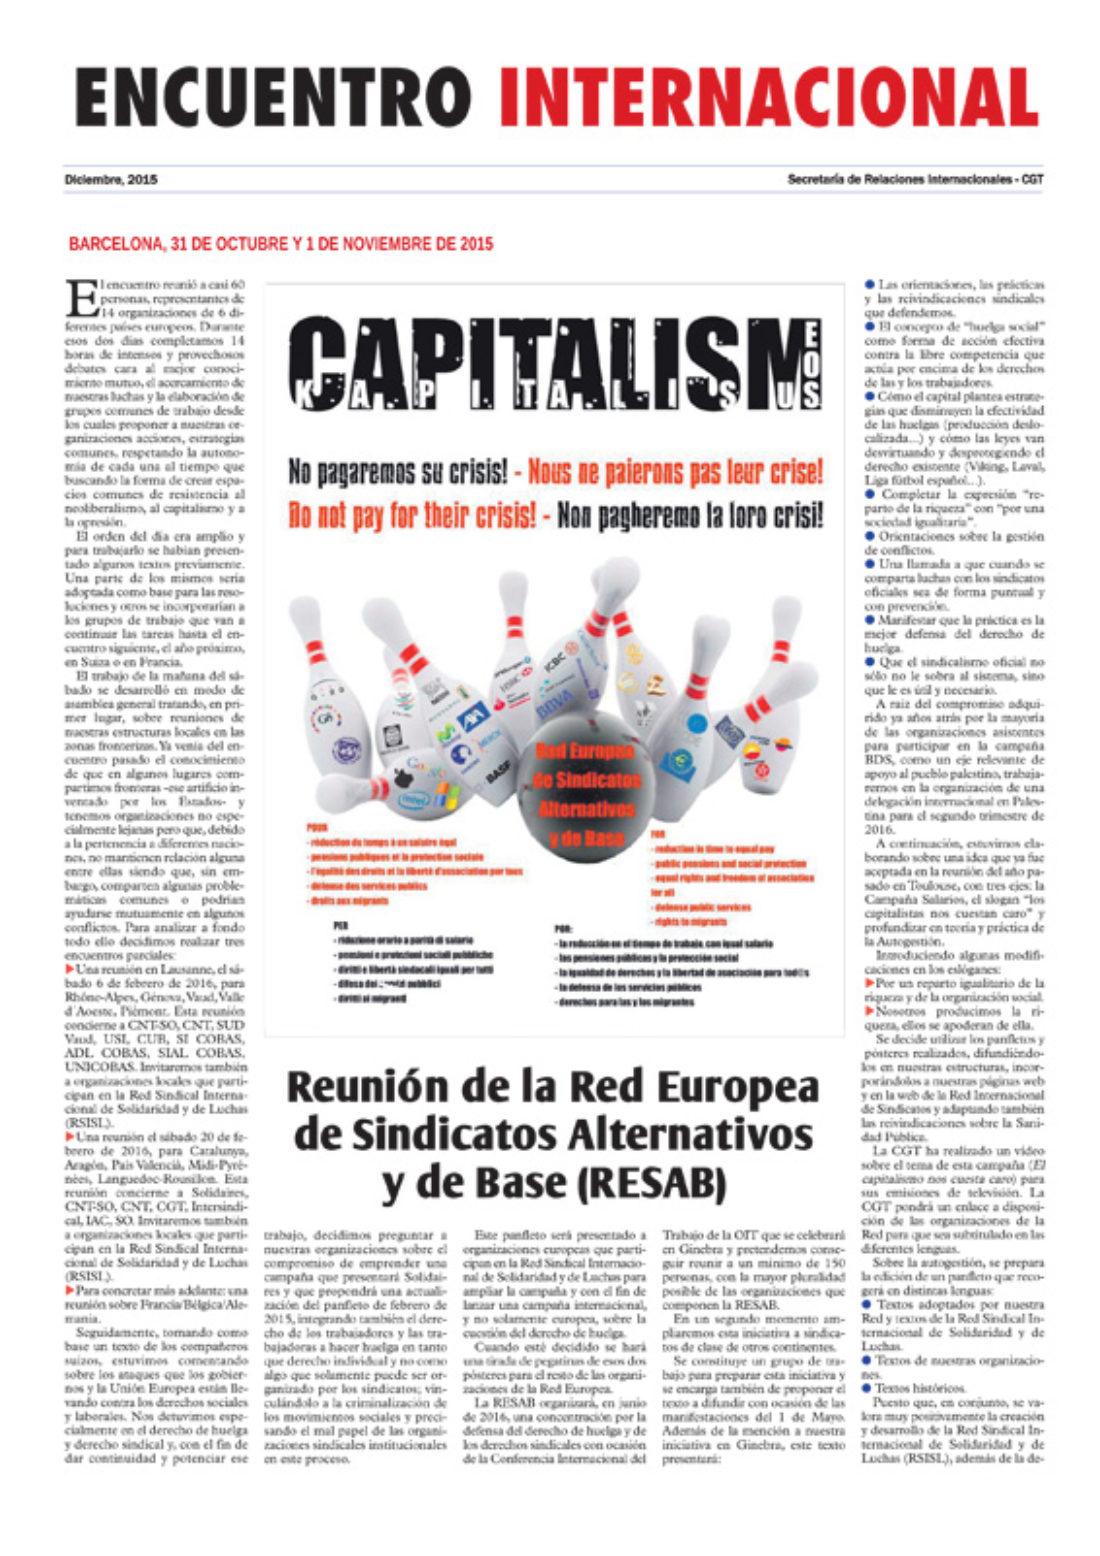 Encuentro Internacional – Suplemento del Rojo y Negro, diciembre 2015